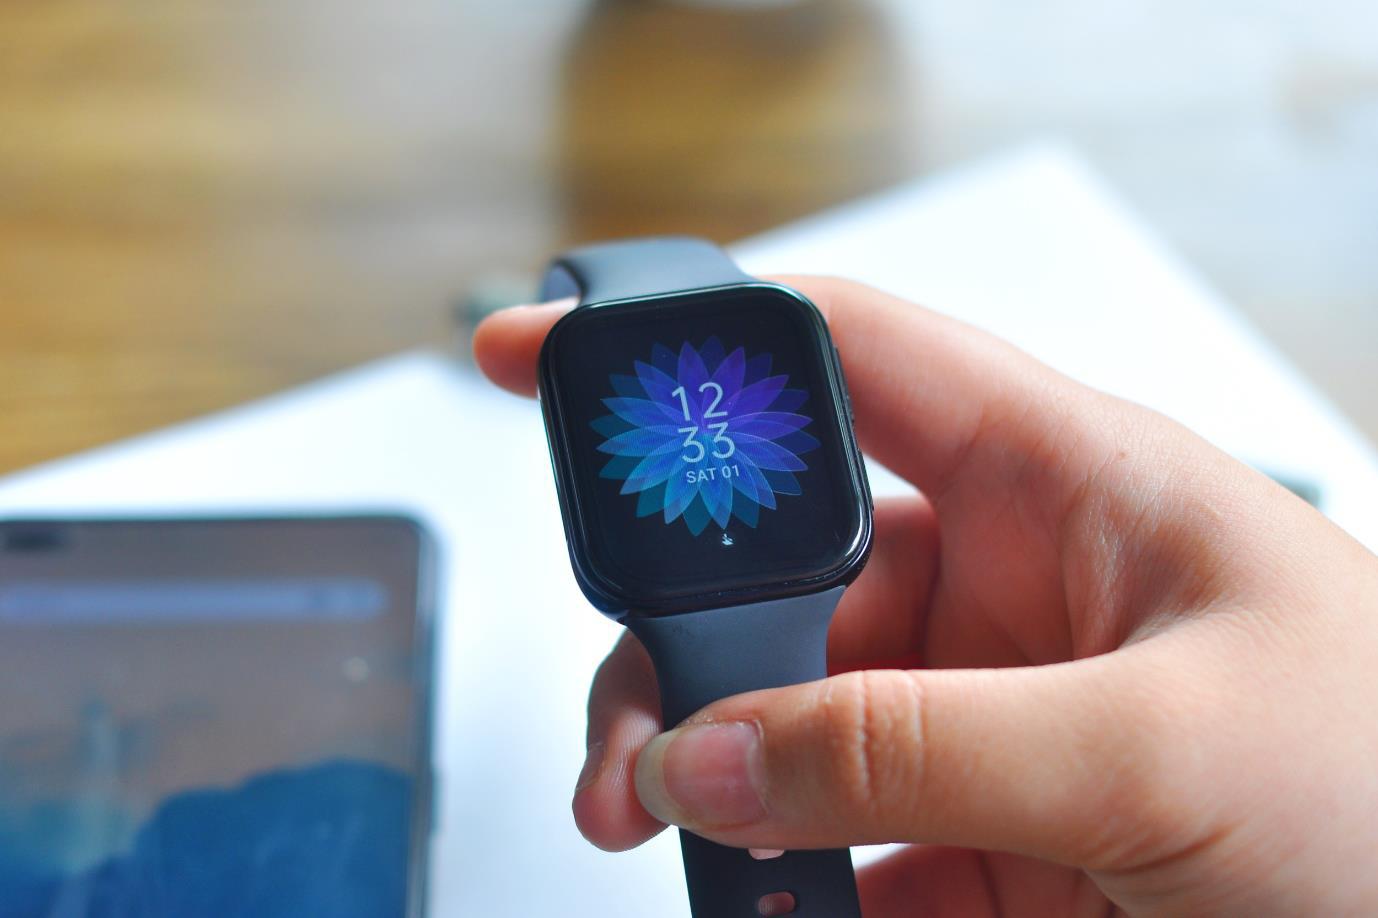 Thiết kế tinh tế, tính năng ấn tượng: OPPO Watch mang đến nhiều lợi ích hơn bạn nghĩ! - Ảnh 2.